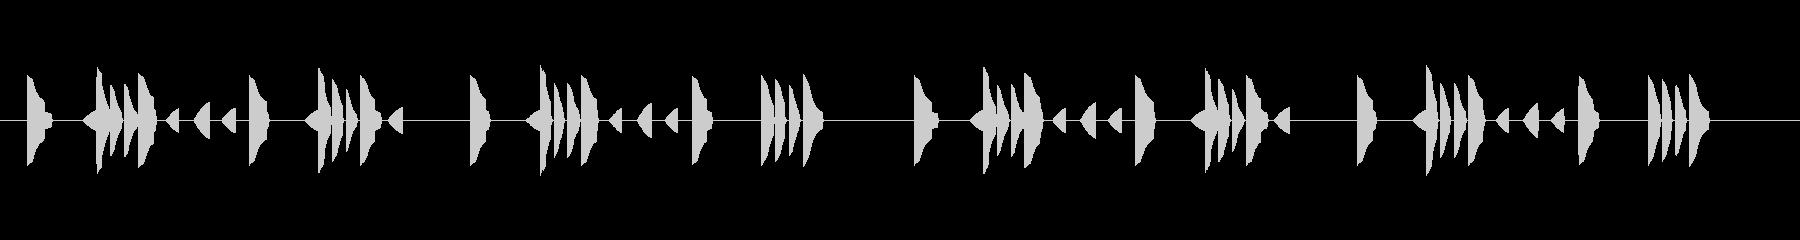 はっきりしない靄のような音の未再生の波形